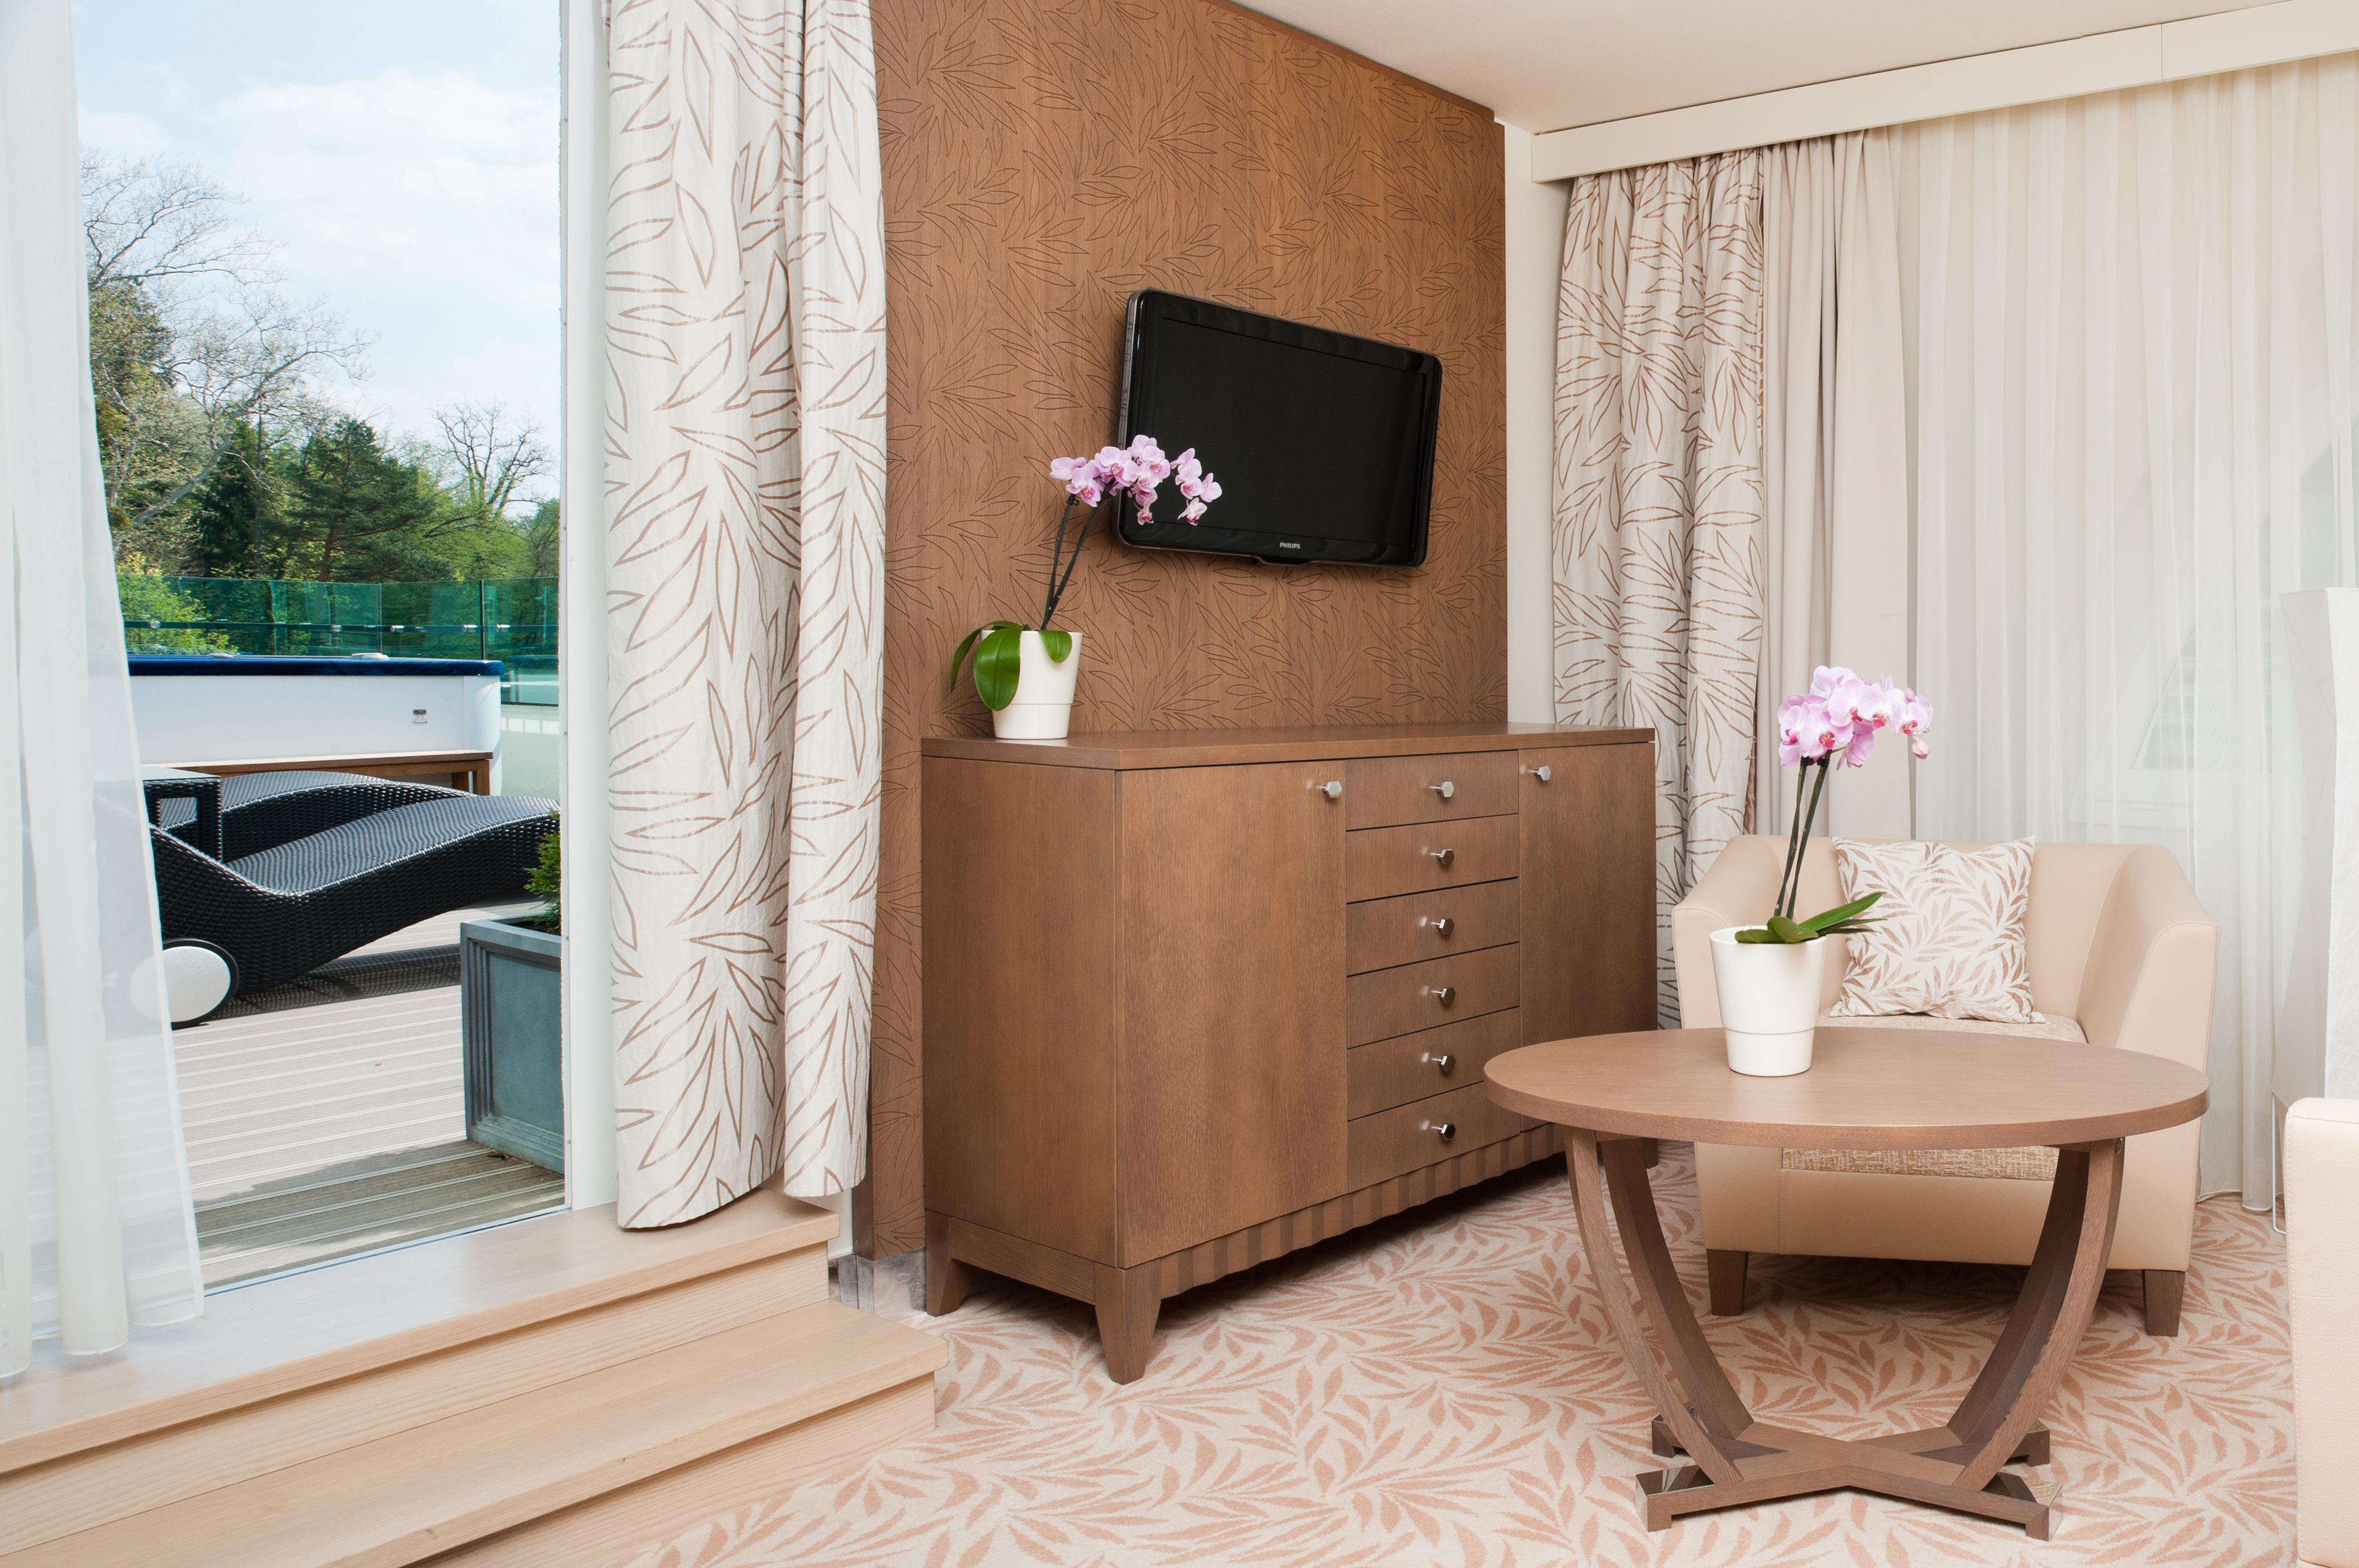 Slovenia hotel benessere